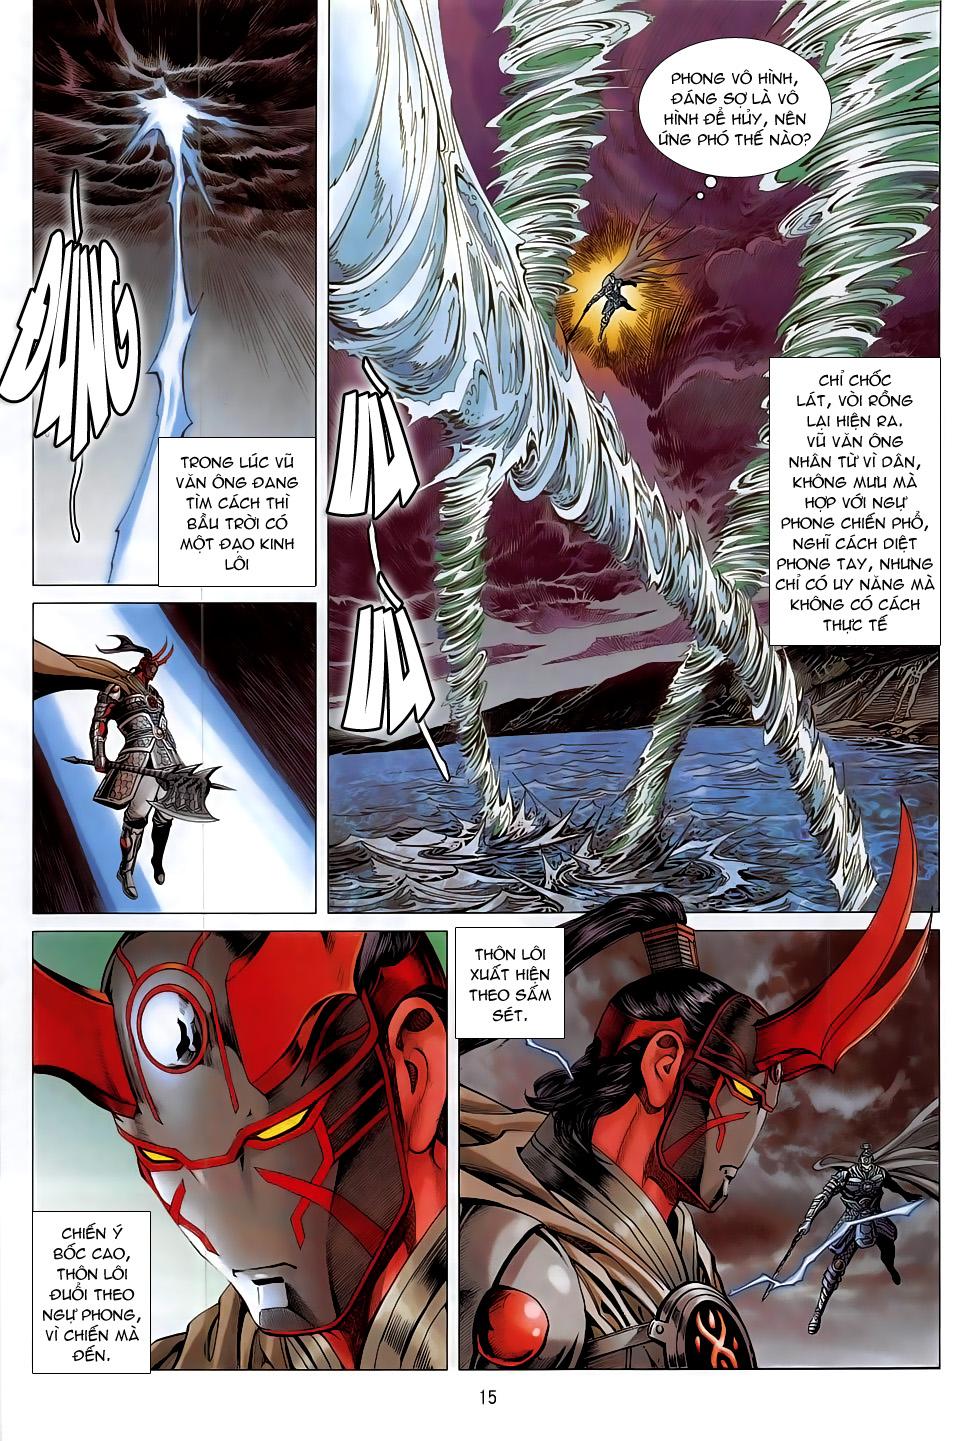 Chiến Phổ chapter 13: trận liệt tại tiền trang 15